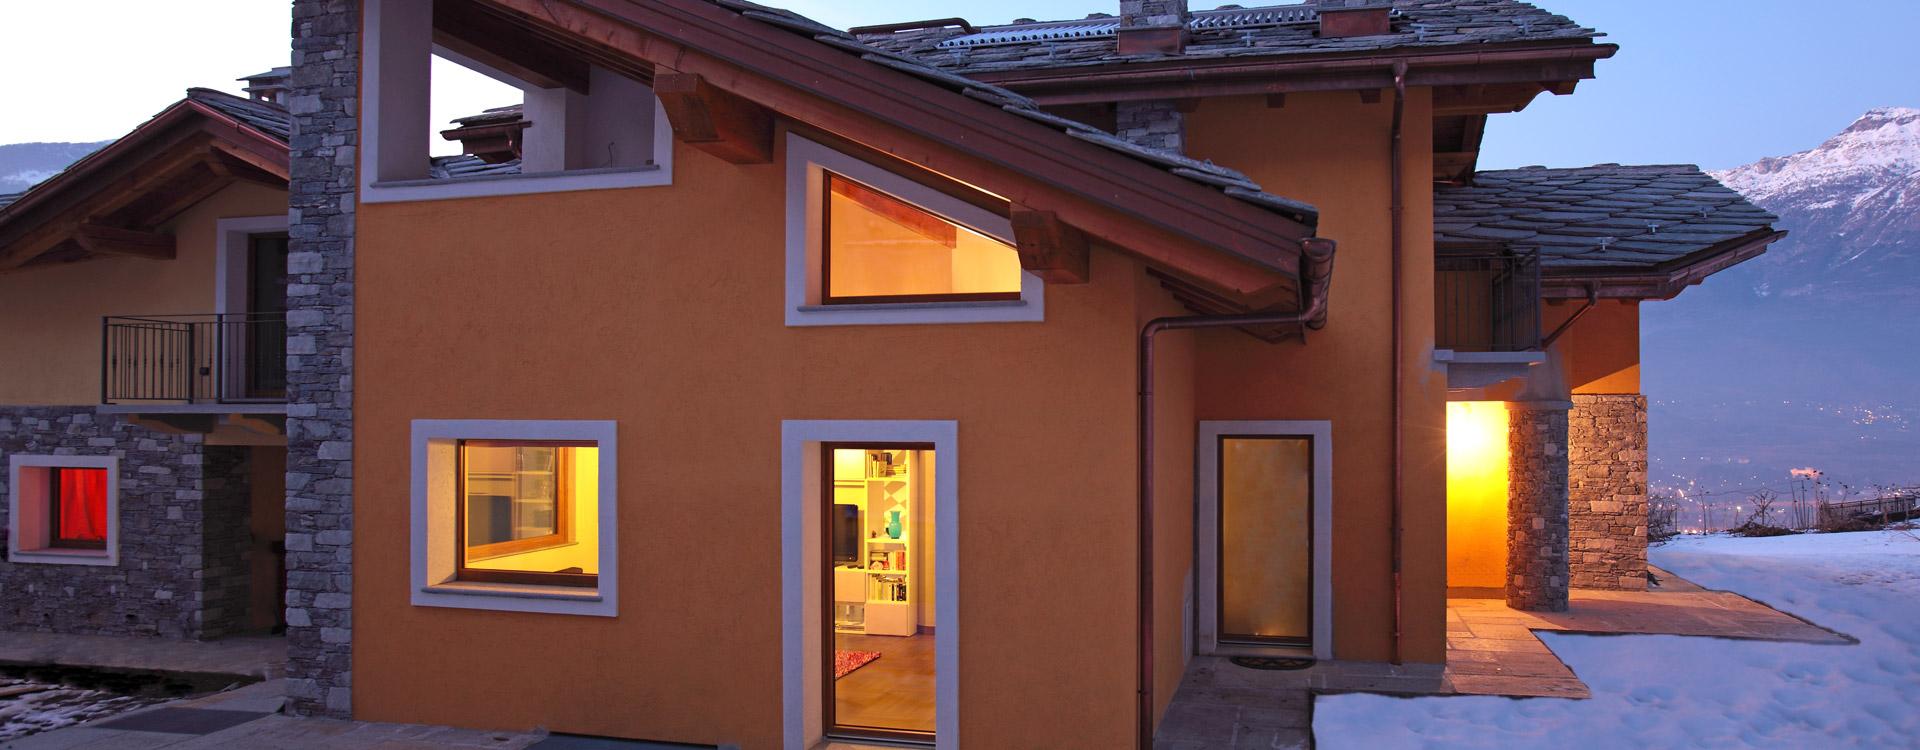 Una casa elegante